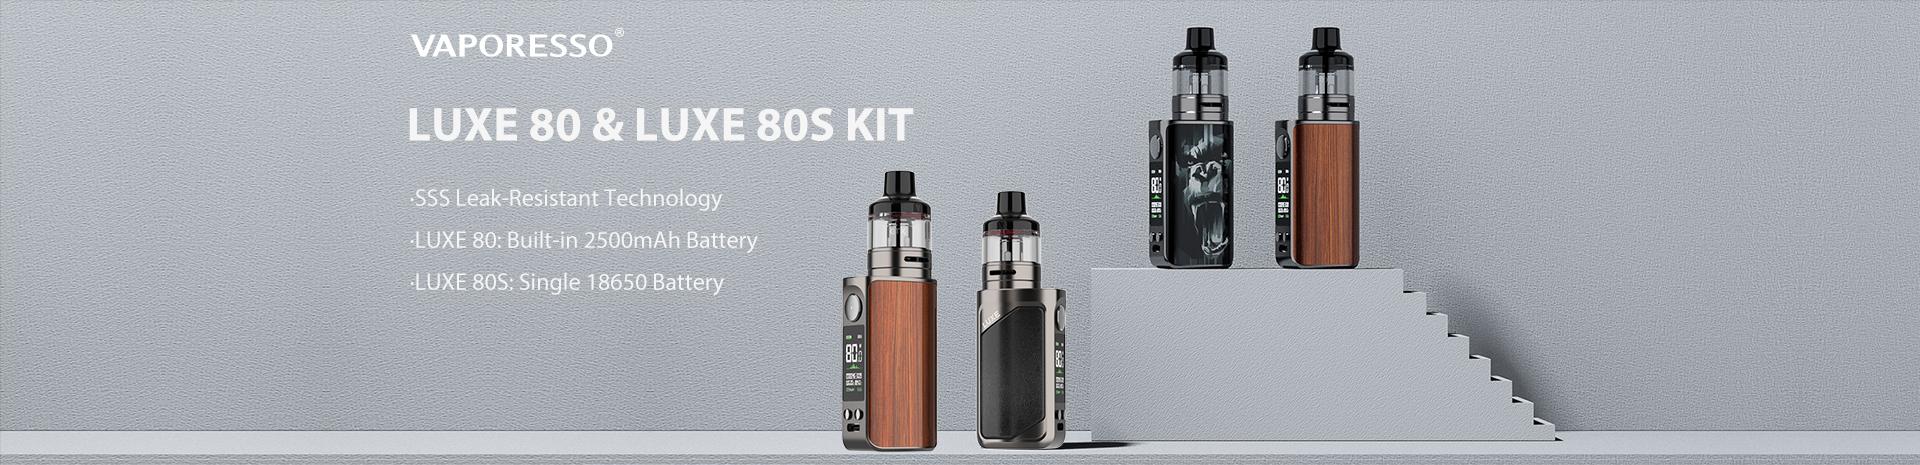 Vaporesso LUXE 80-80s Kit Banner